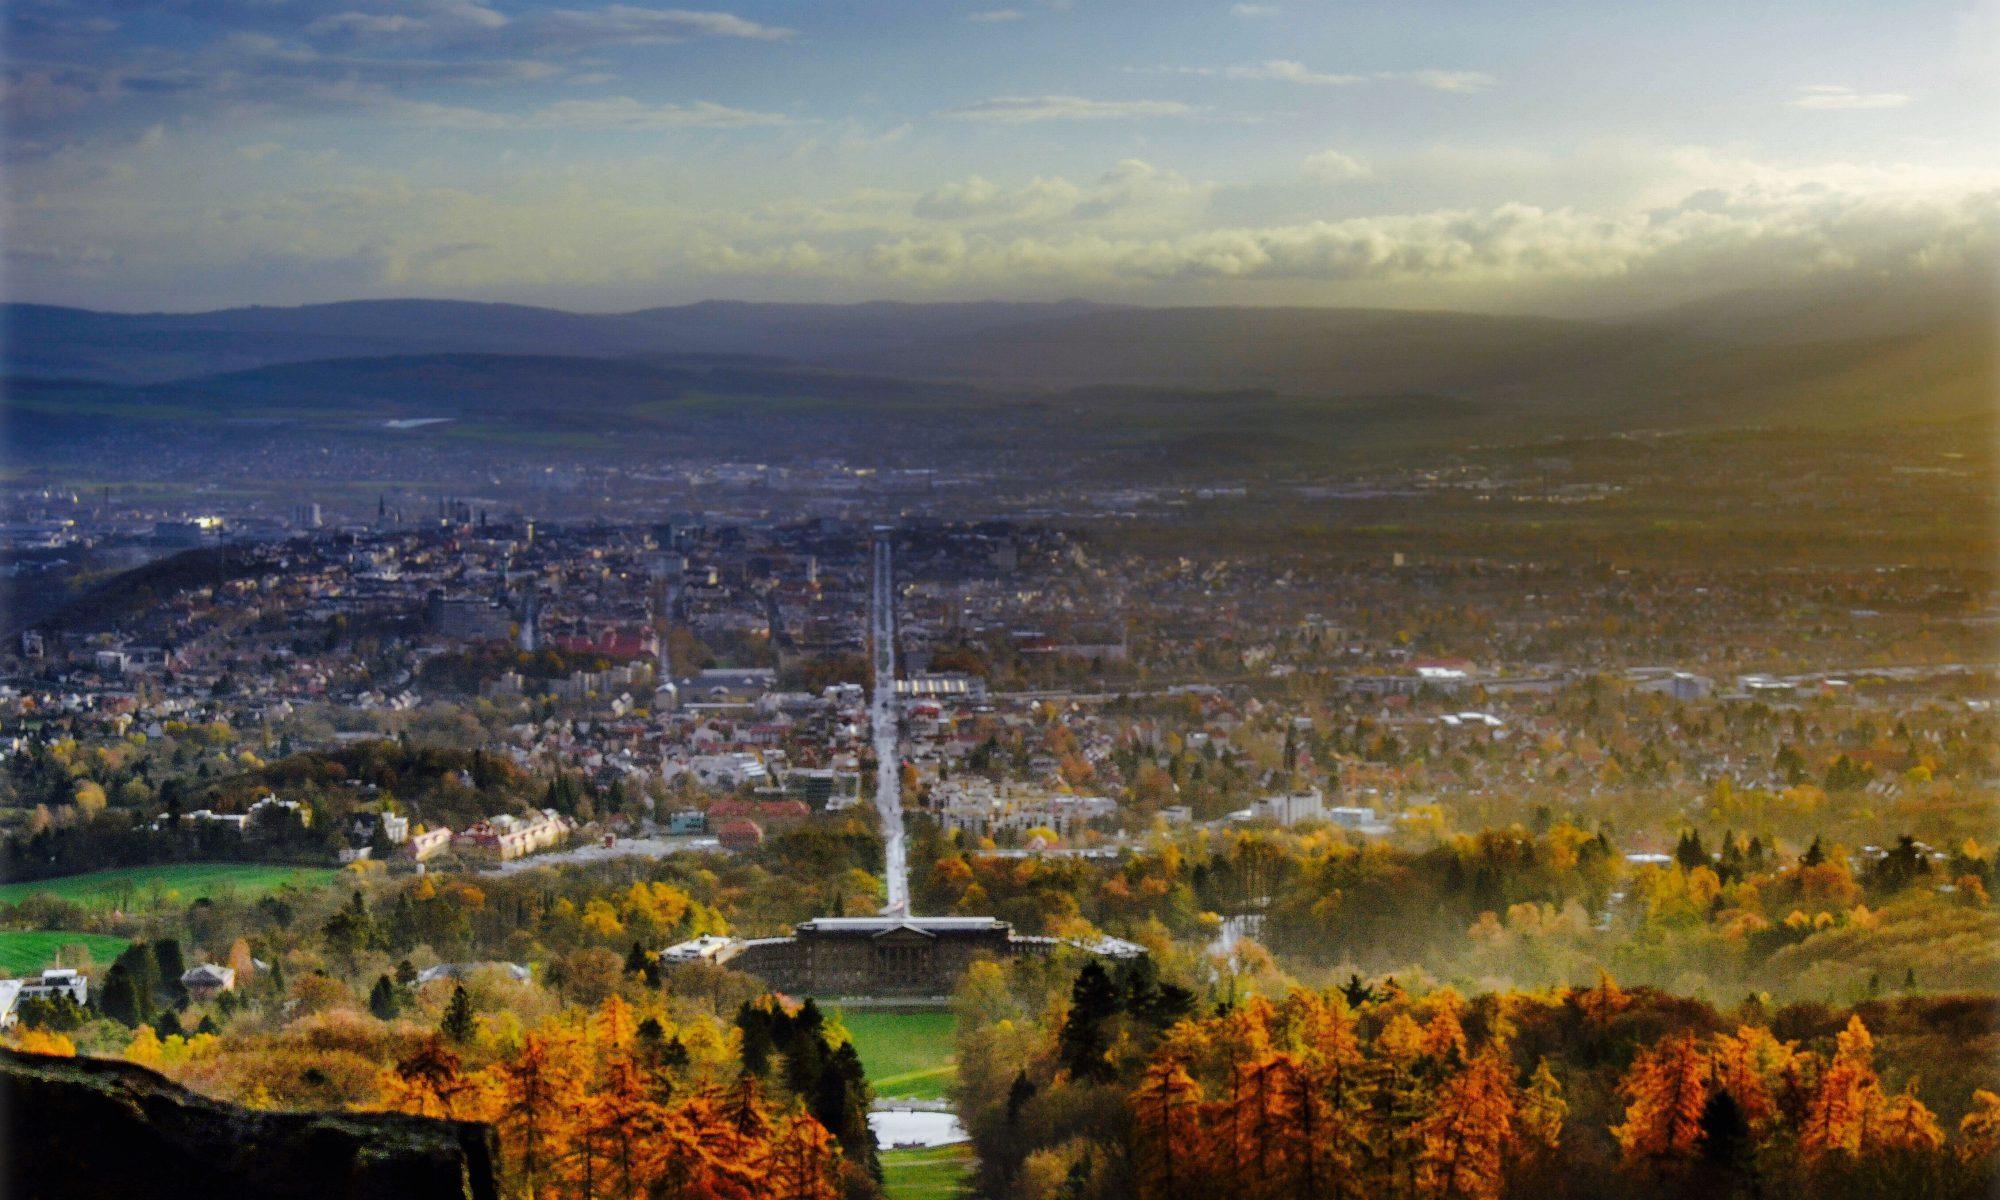 Blick vom Herkules auf den Bergpark und Kassel © Stadt Kassel; Foto: Jörg Conrad